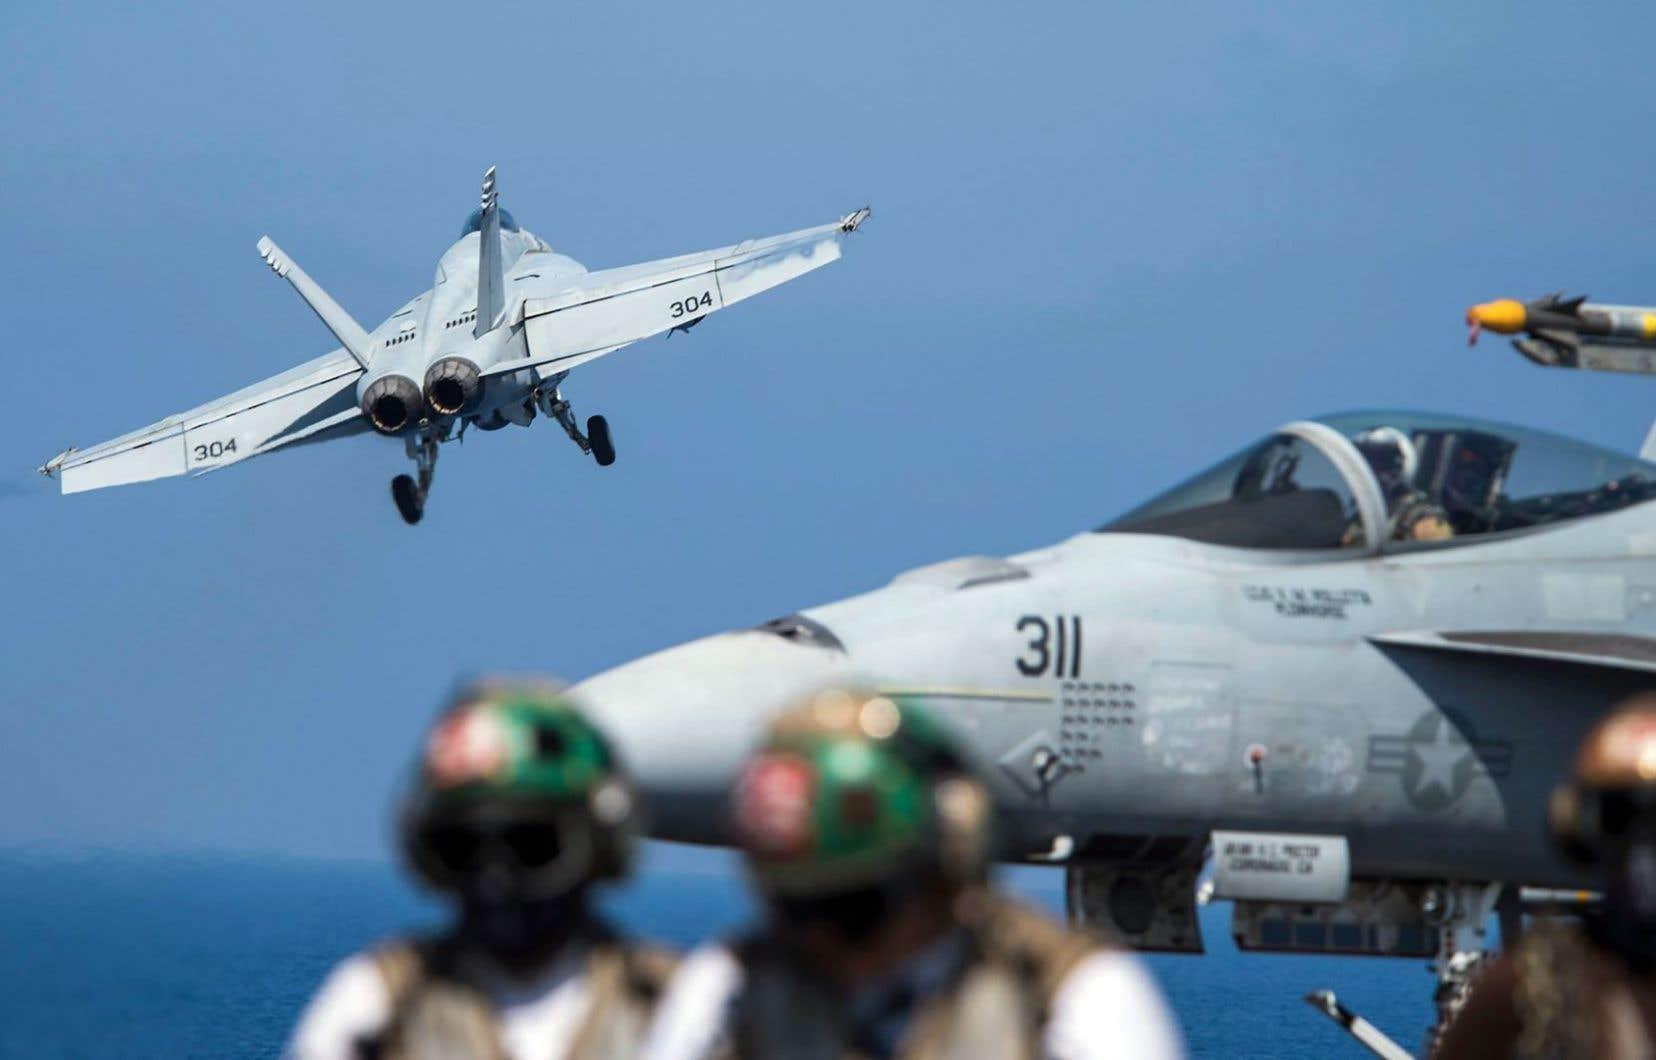 L'idée d'acquérir pour les forces armées canadiennes 18 avions Super Hornet auprès de Boeing a été annoncée en novembre 2016.